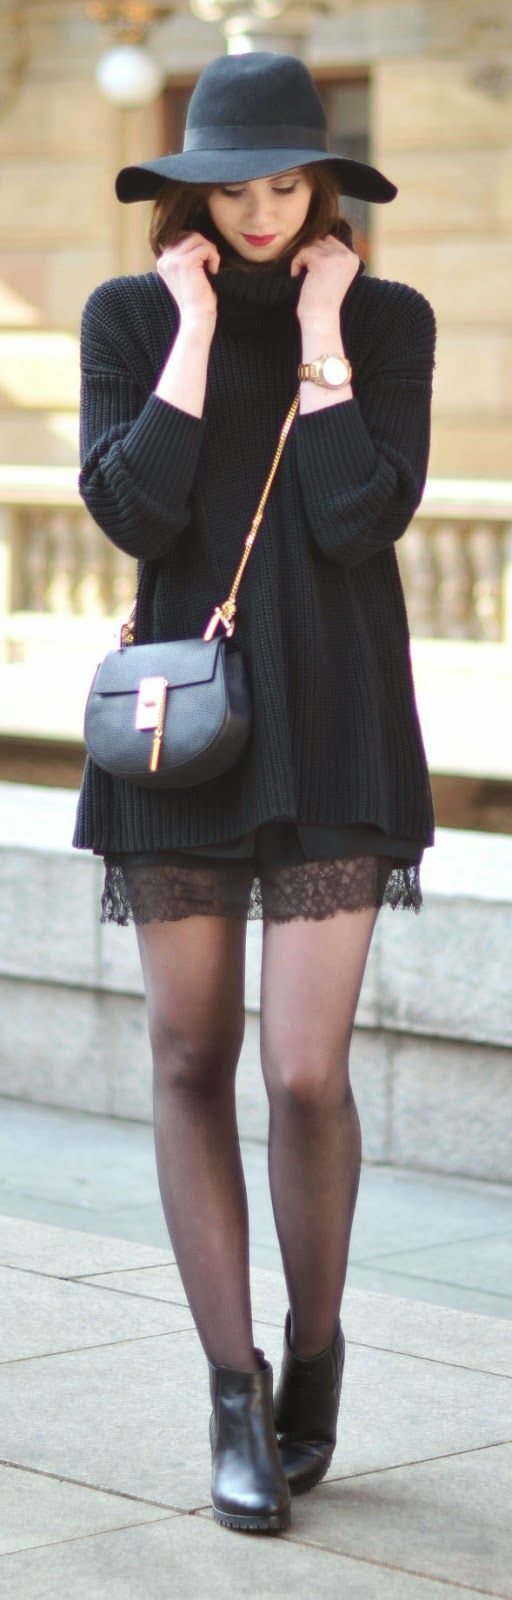 Black turtle neck top, Kurt Geiger boots, Black lace skirts - Vogue Haus